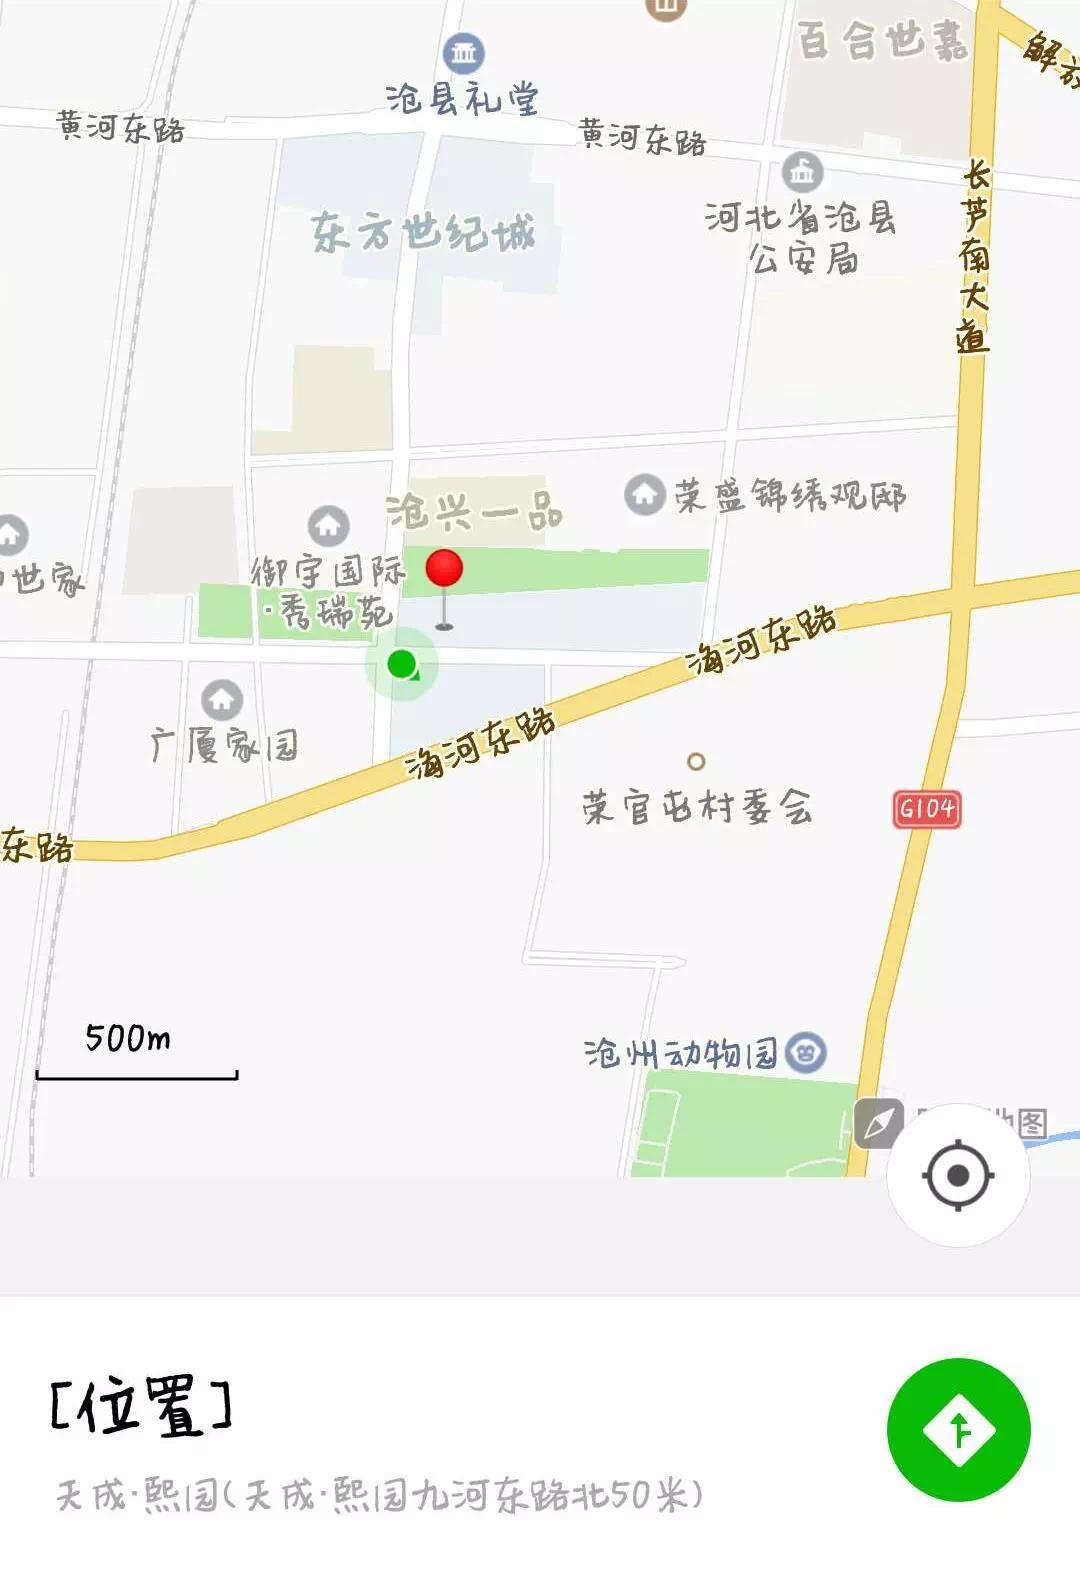 沧州今冬供暖最新通知:供暖价格确定!